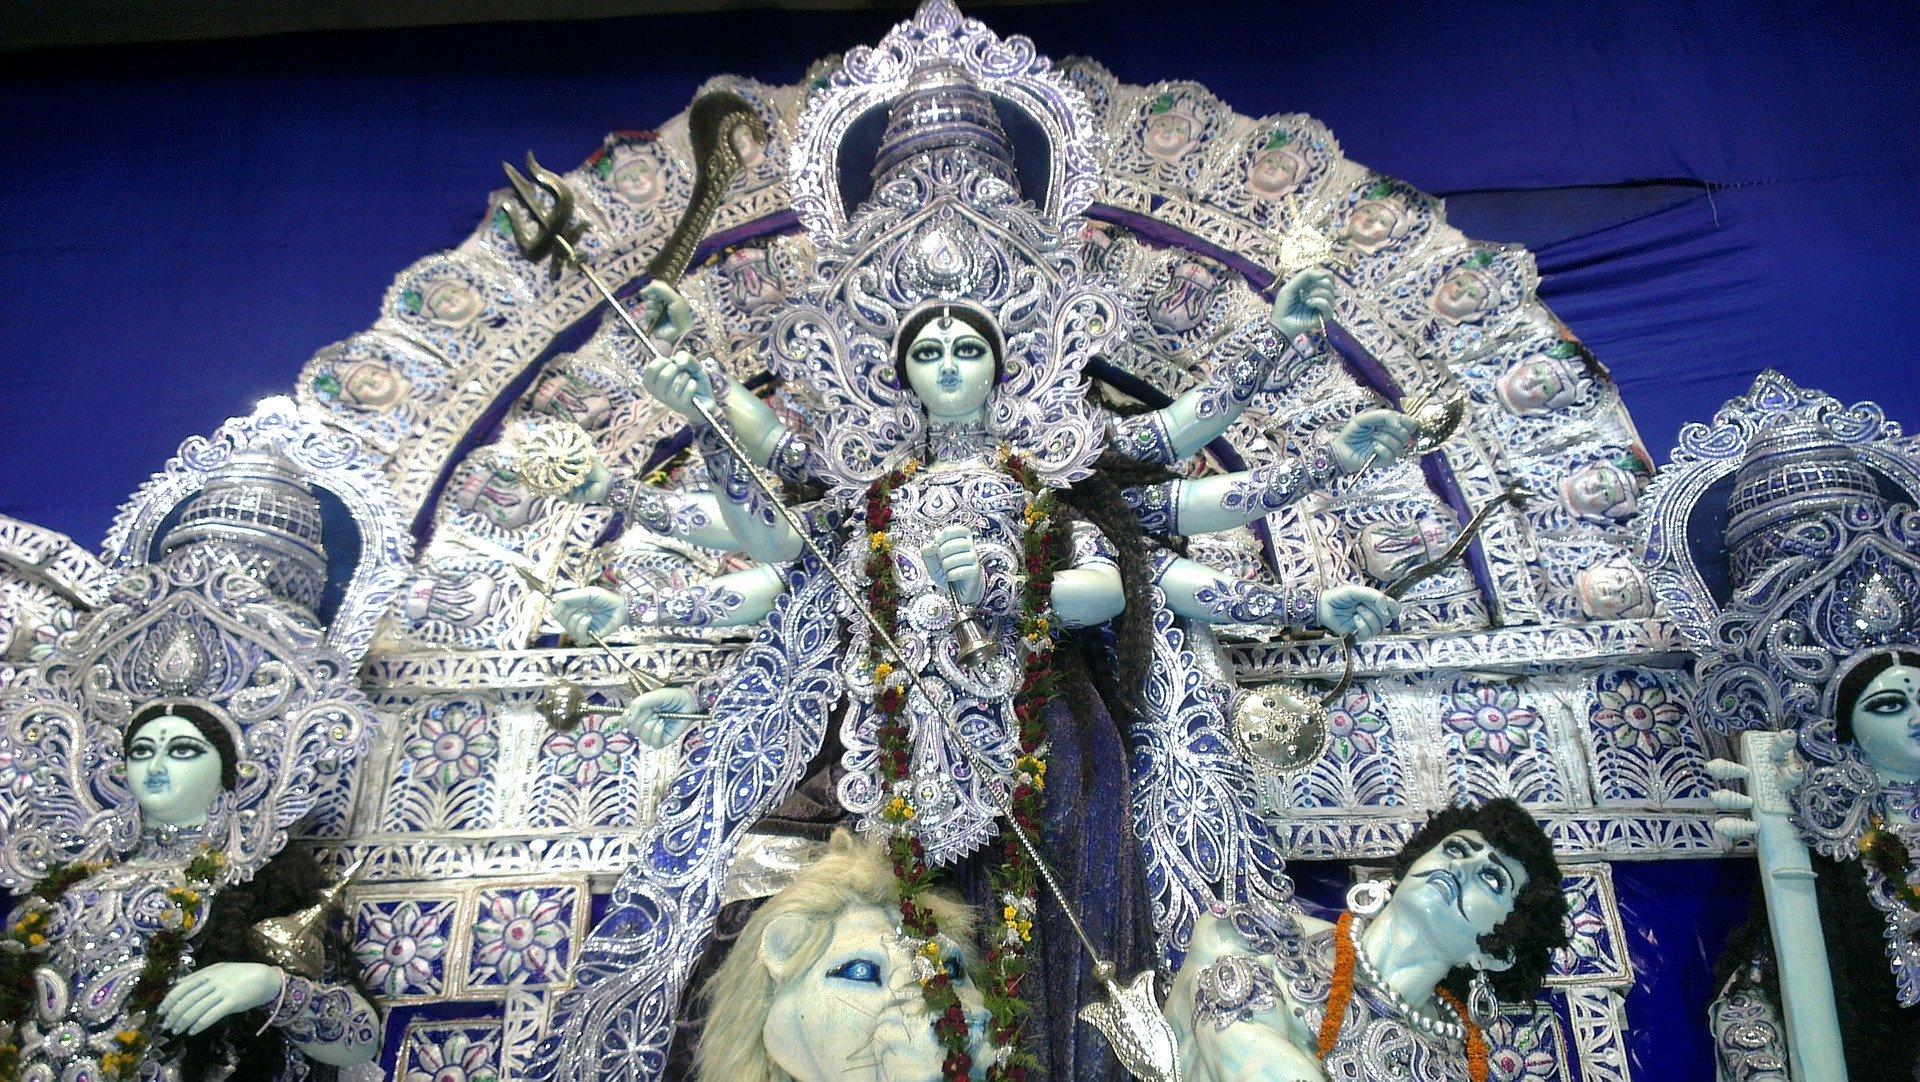 Durga Puja Festival in Kolkata